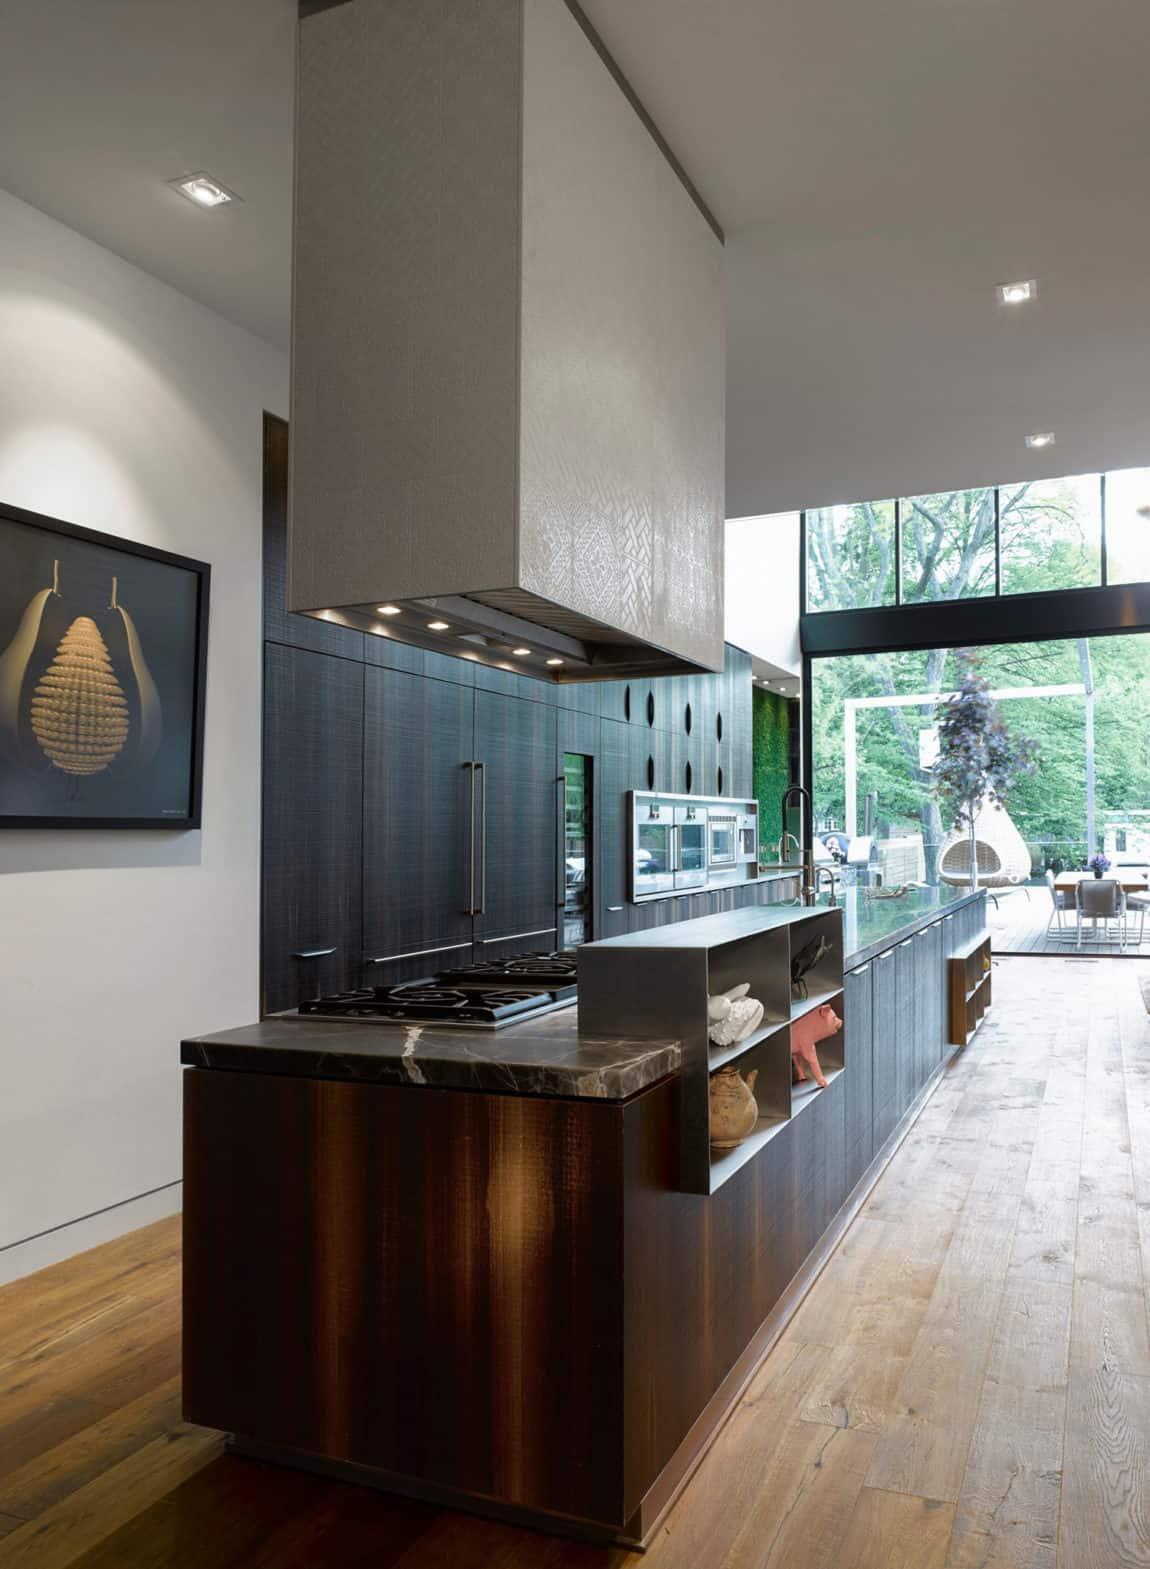 Aldo House by Prototype Design Lab (4)